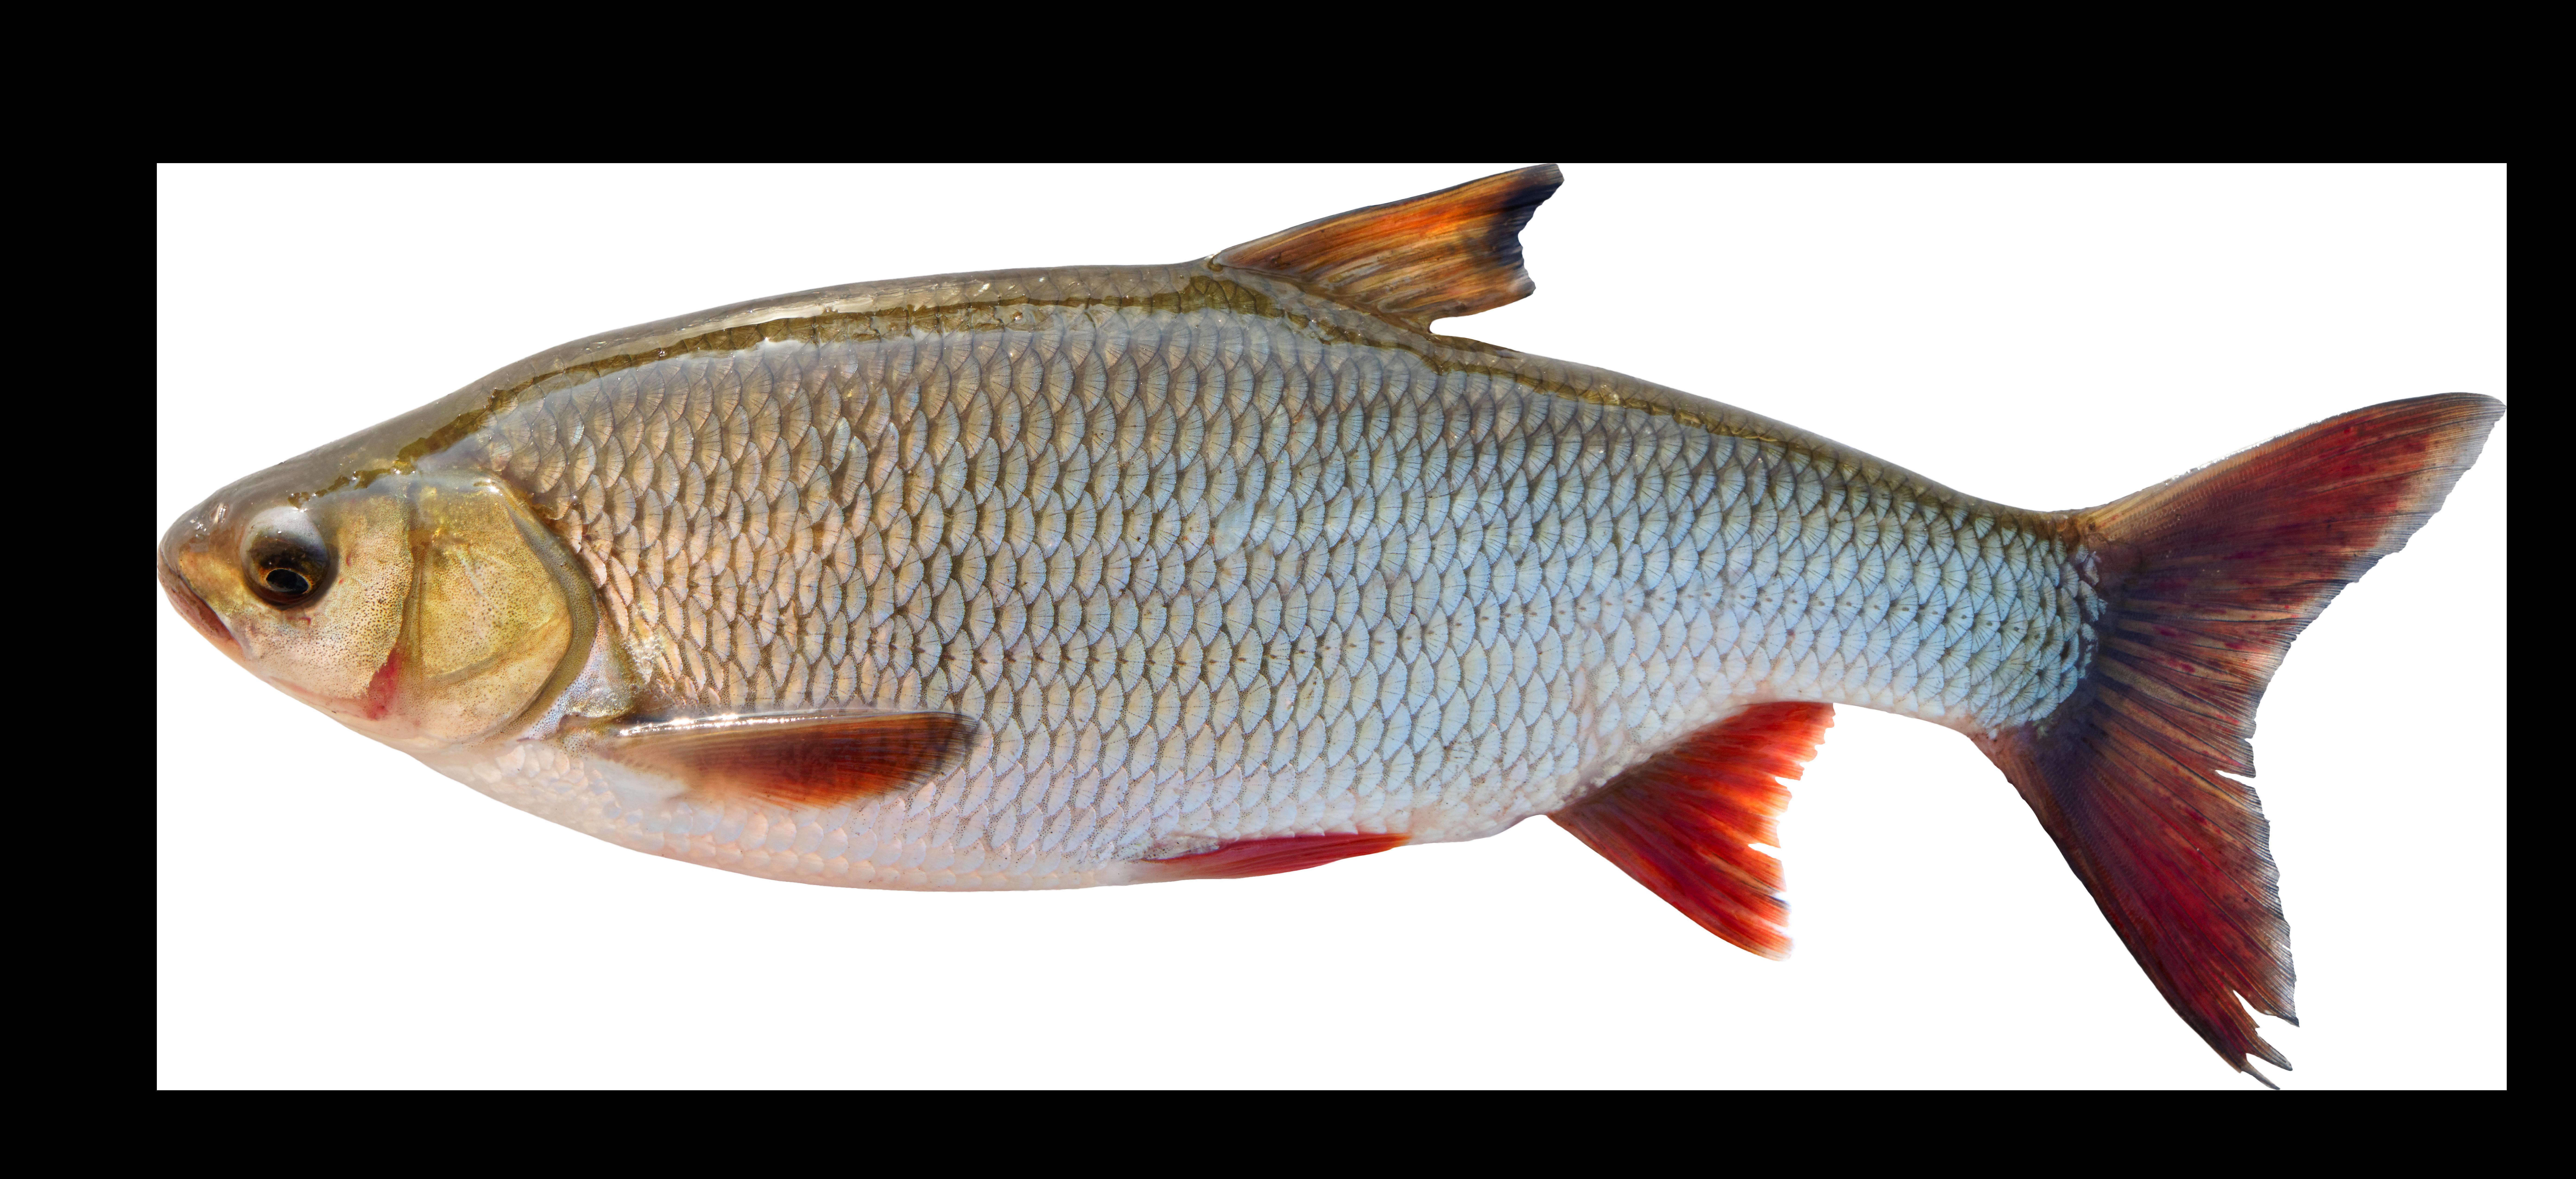 Все о рыбе язь, на что клюет, где живет